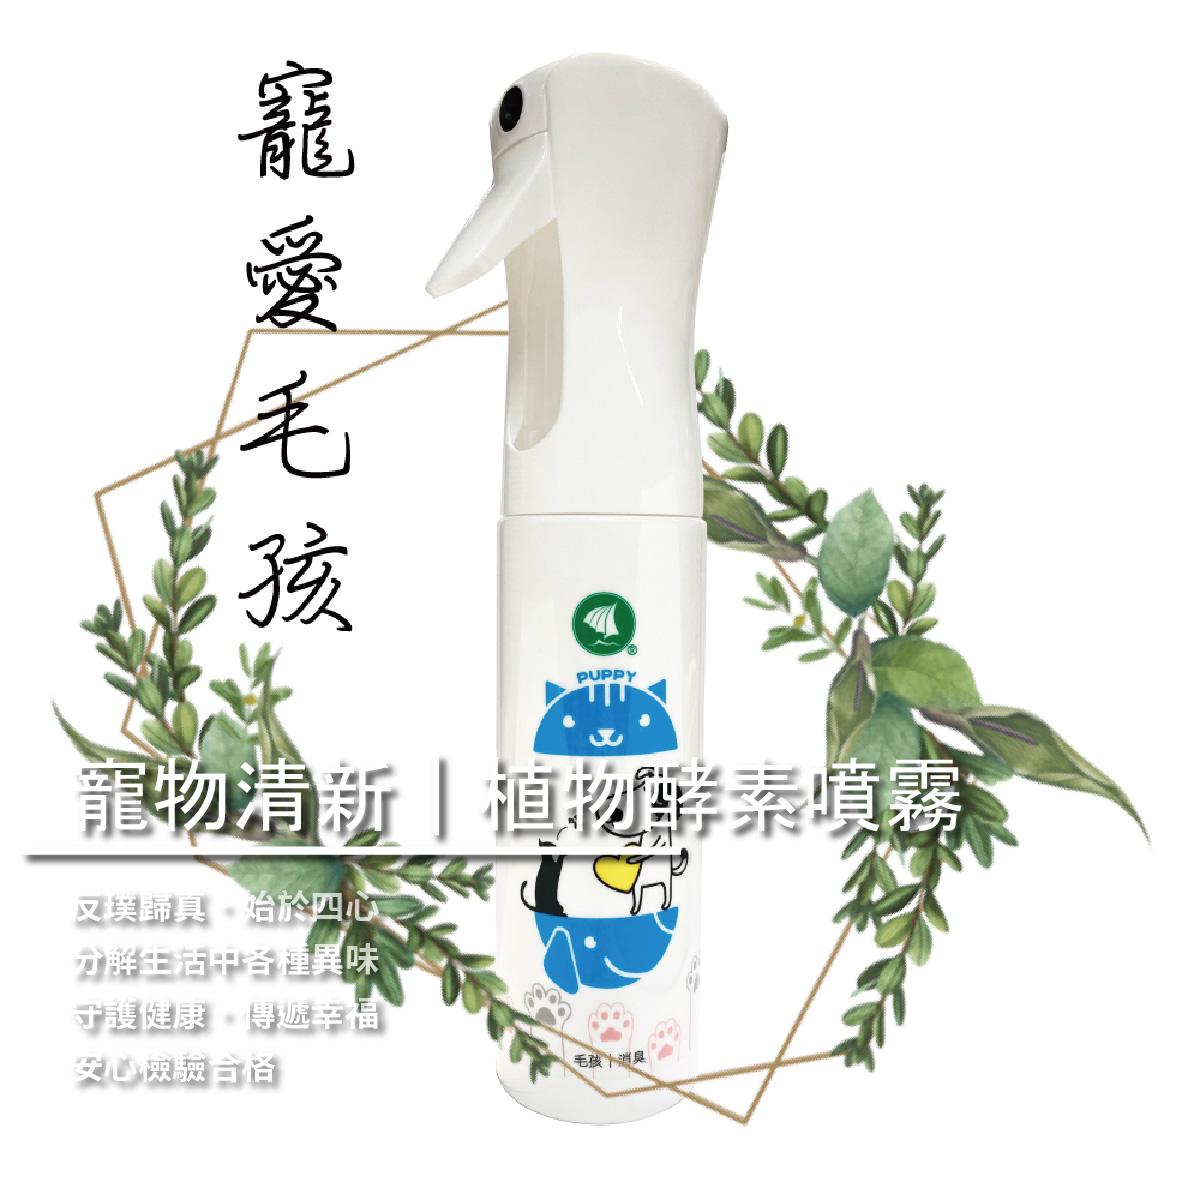 【璞之味植物酵素噴霧】璞之味|寵物清新|植物酵素噴霧(300ml/瓶)★獨家販售★